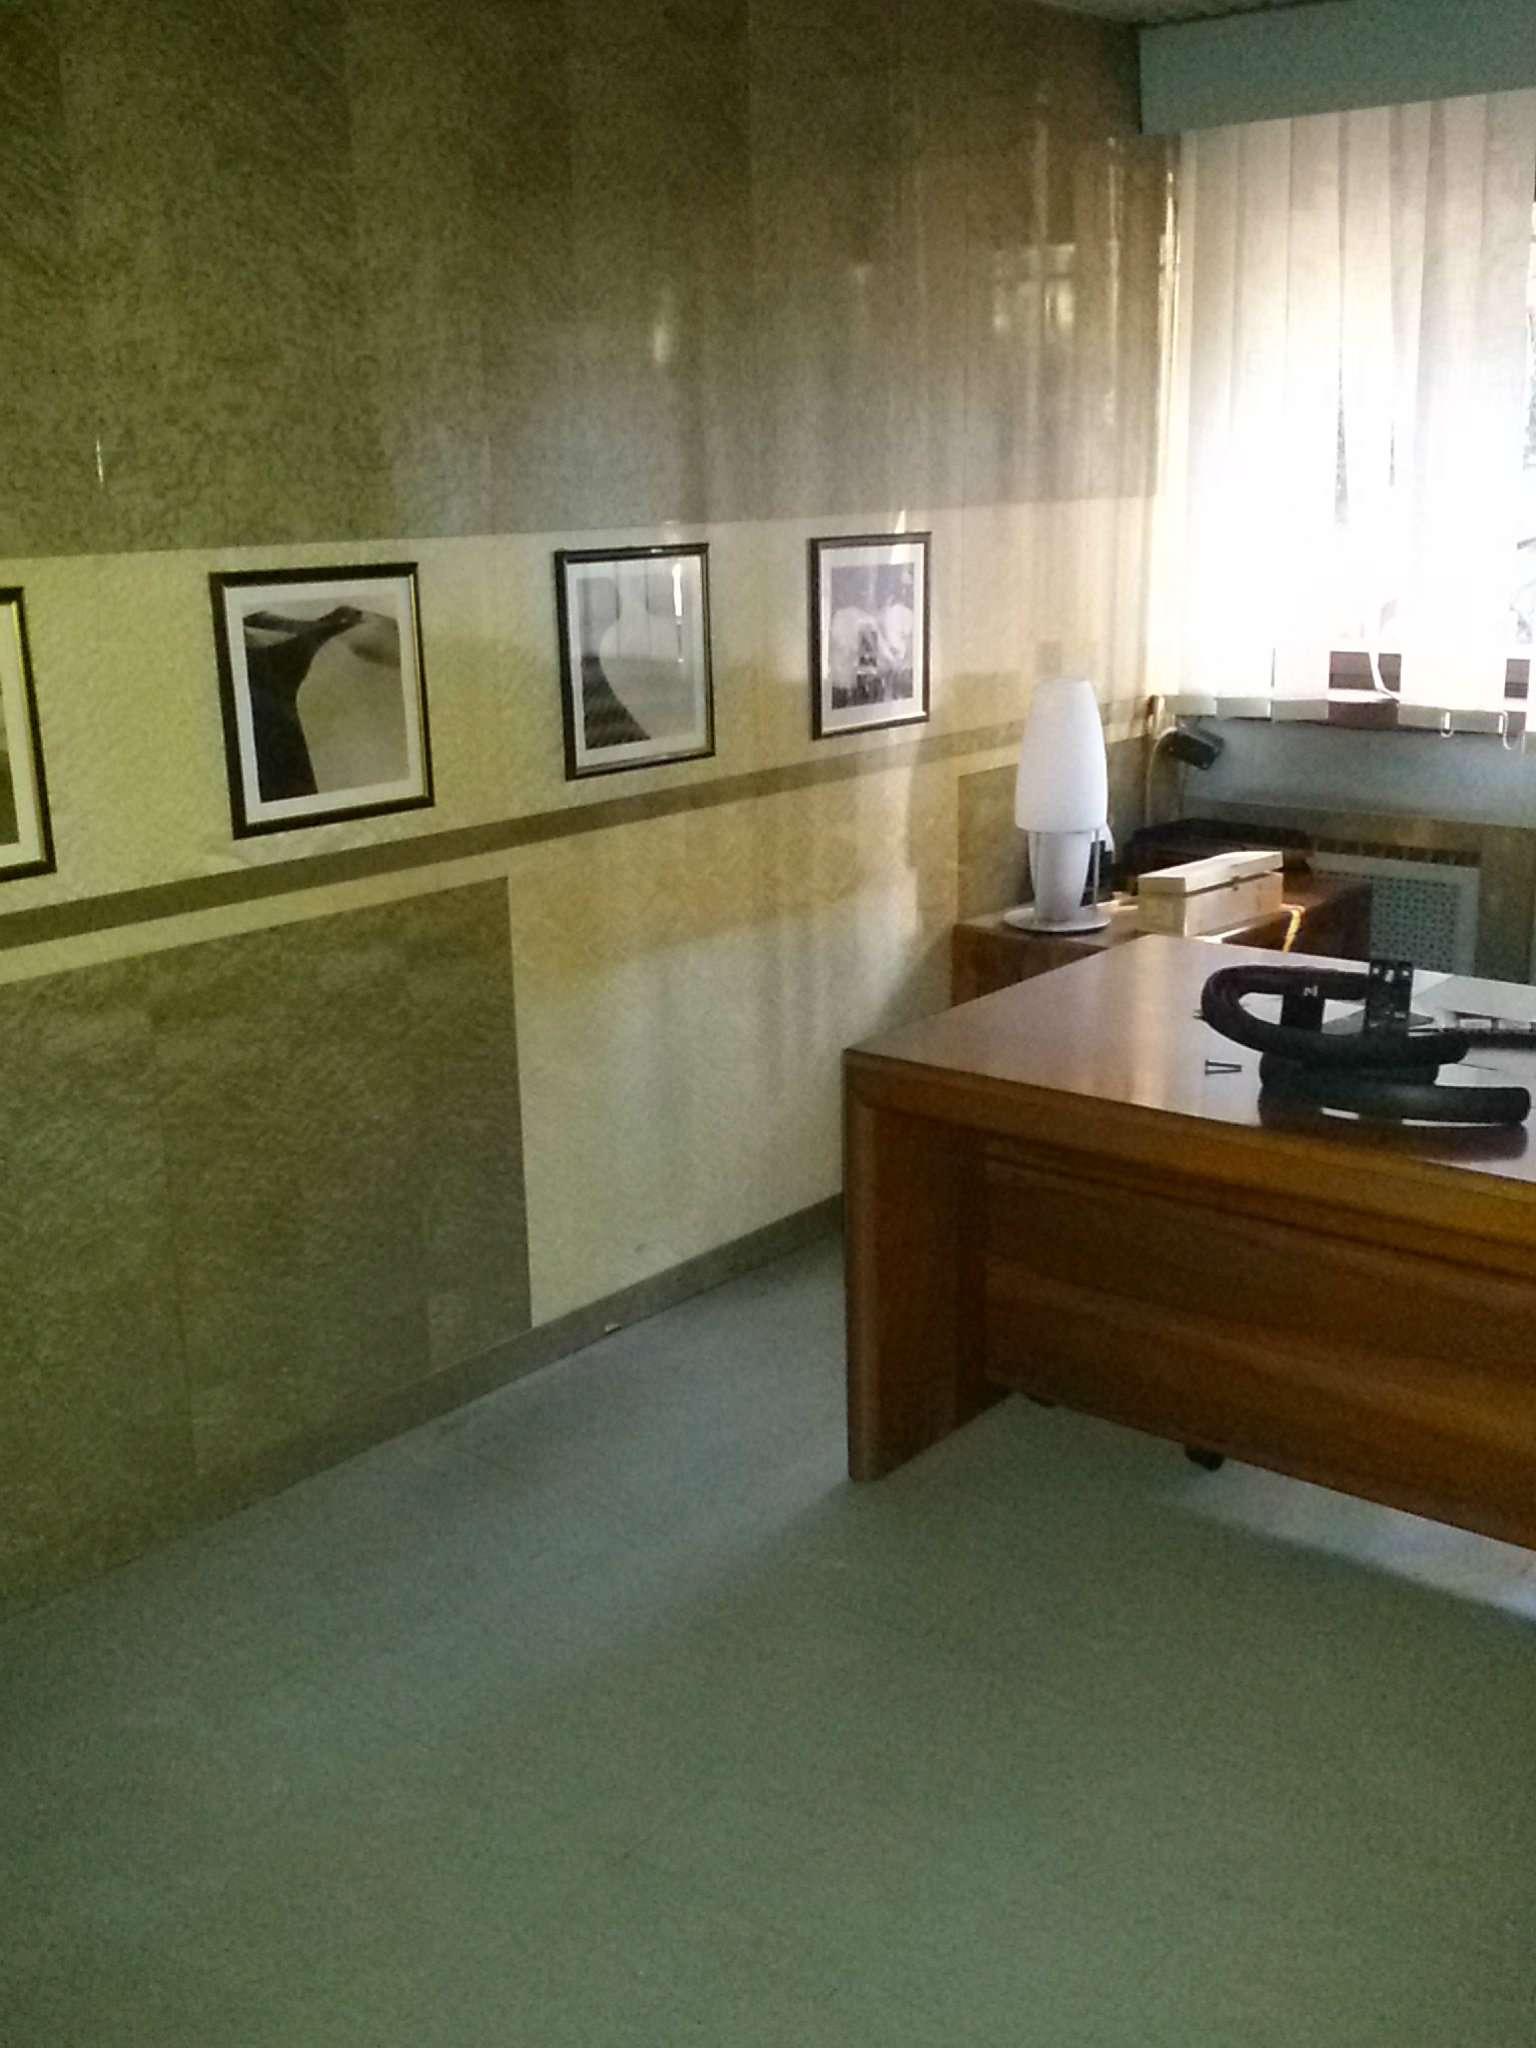 Ufficio studio roma affitto 4500 euro zona 22 eur 22 for Affitto ufficio eur roma